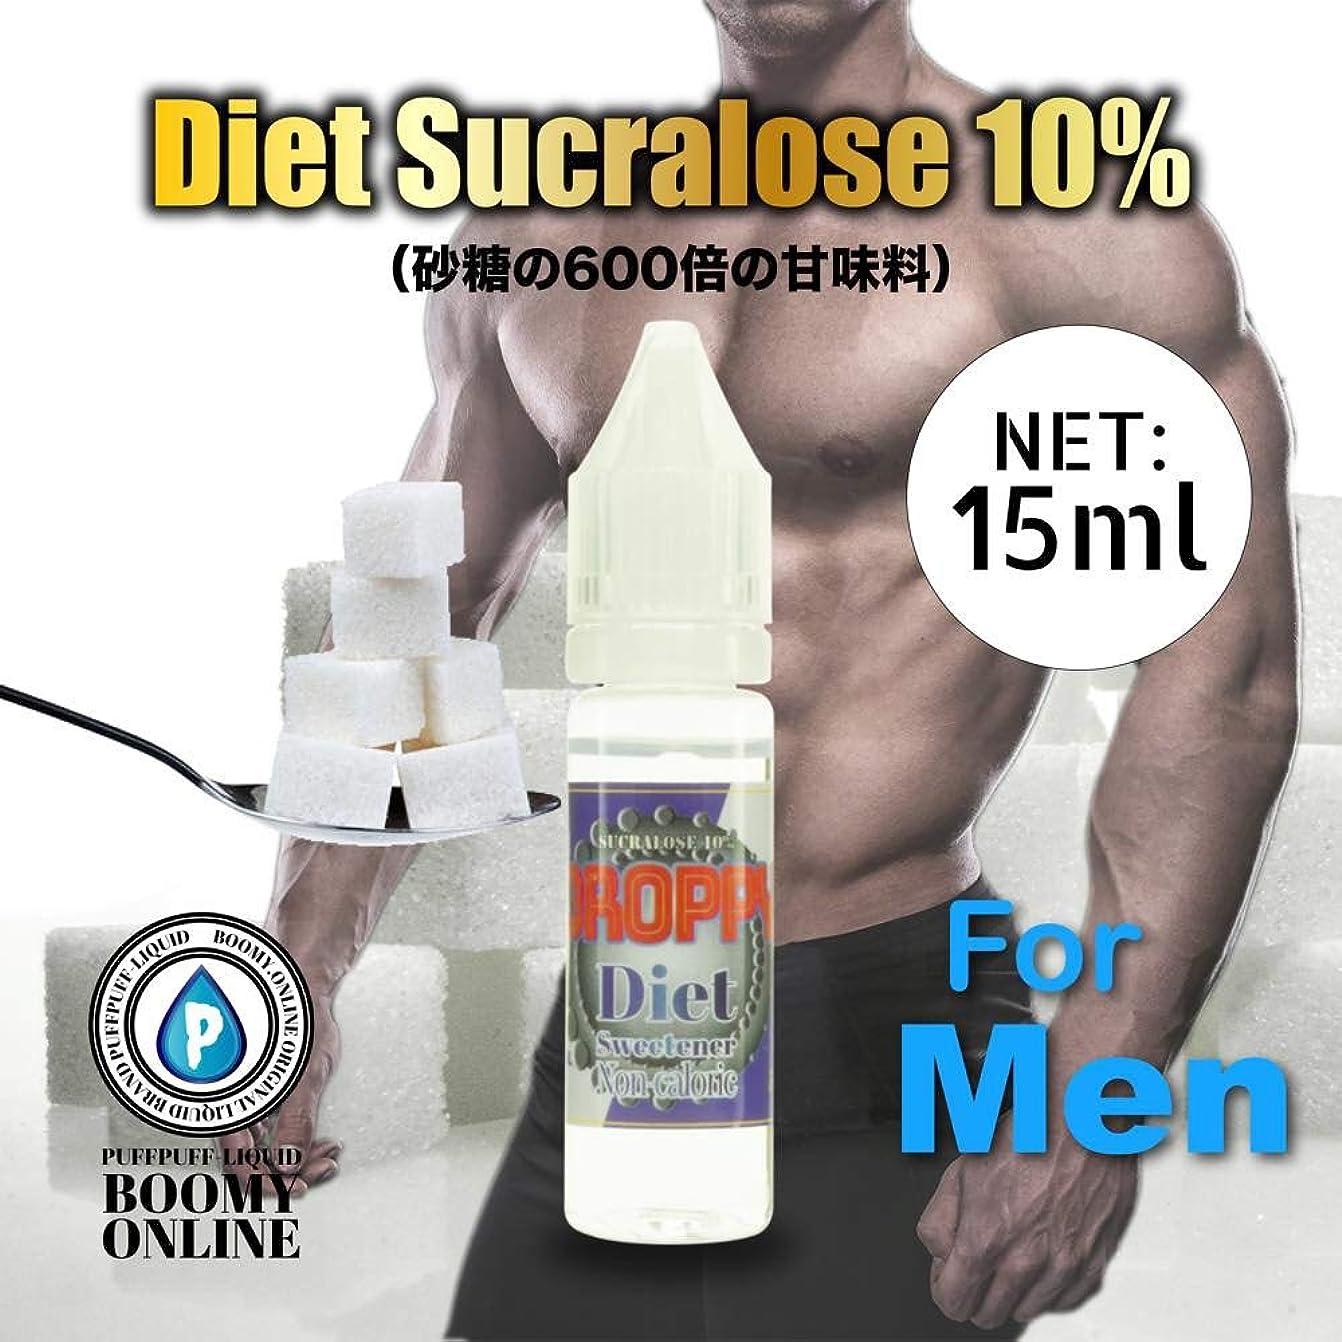 リスリストクラフト【BooMY-Original ダイエット スクラロース】〓PuffPuff-Liquid〓(1滴で砂糖約ティースプーン1杯の甘さ) DROPPY-0cal Diet For Men(ドロッピーダイエットスクラロース10%0cal), 15ml ダイエット糖質ゼロ カロリーゼロ トレーニング 糖質制限